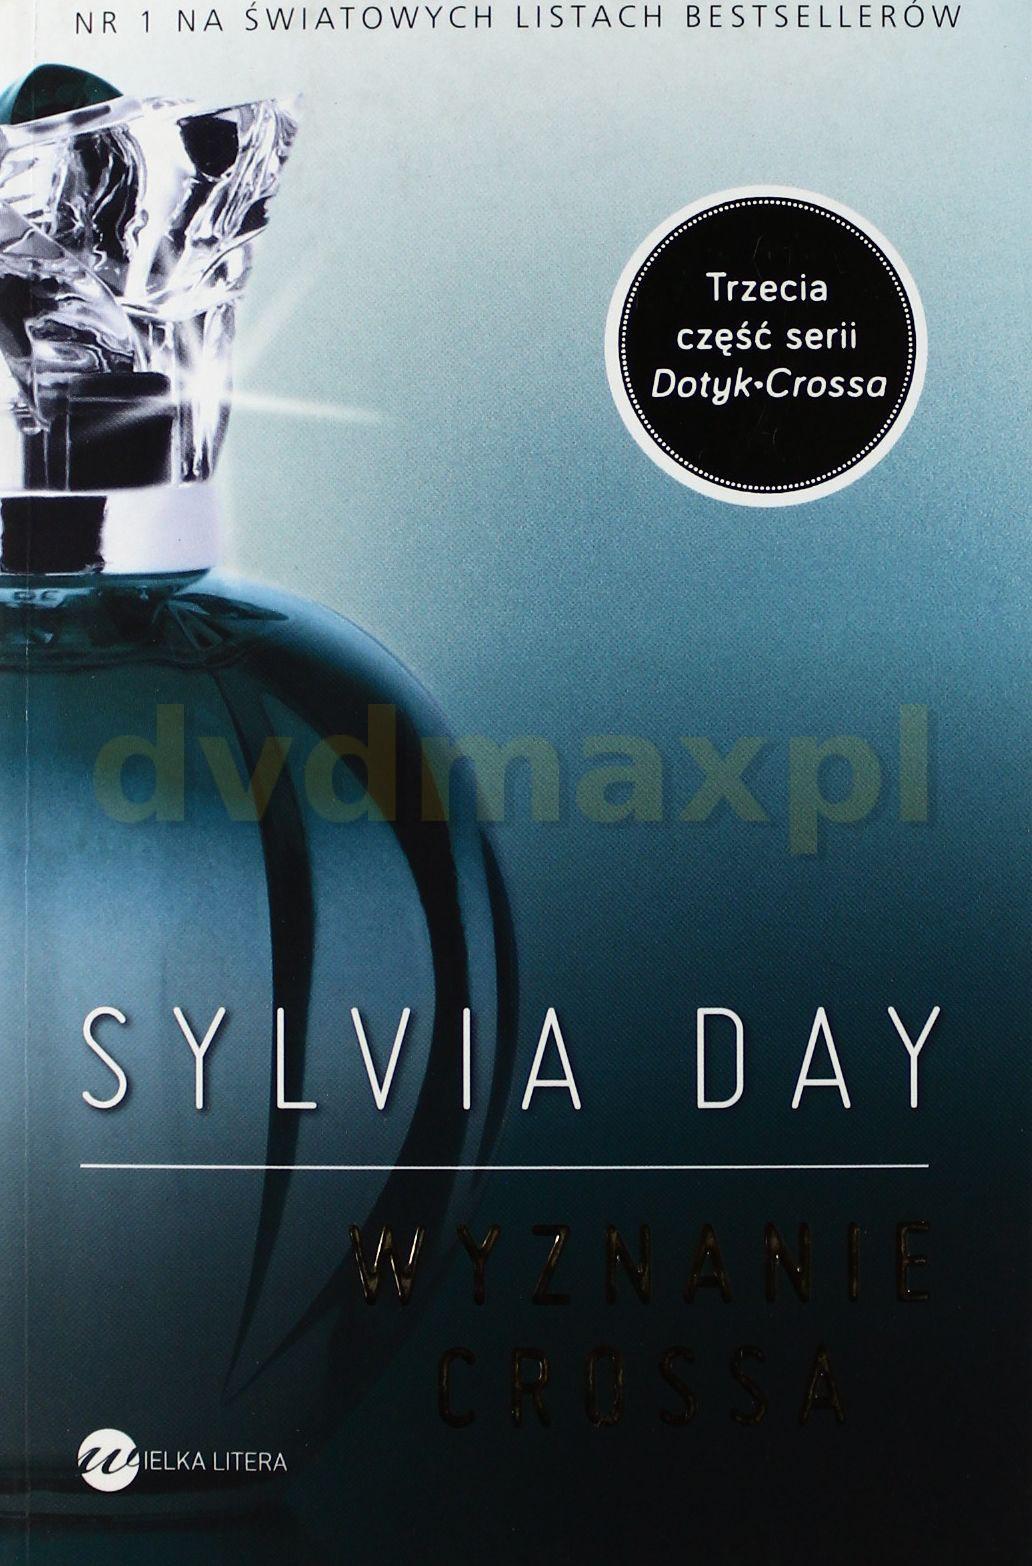 Wyznanie Crossa - Sylwia Day [KSIĄŻKA] - Sylvia Day